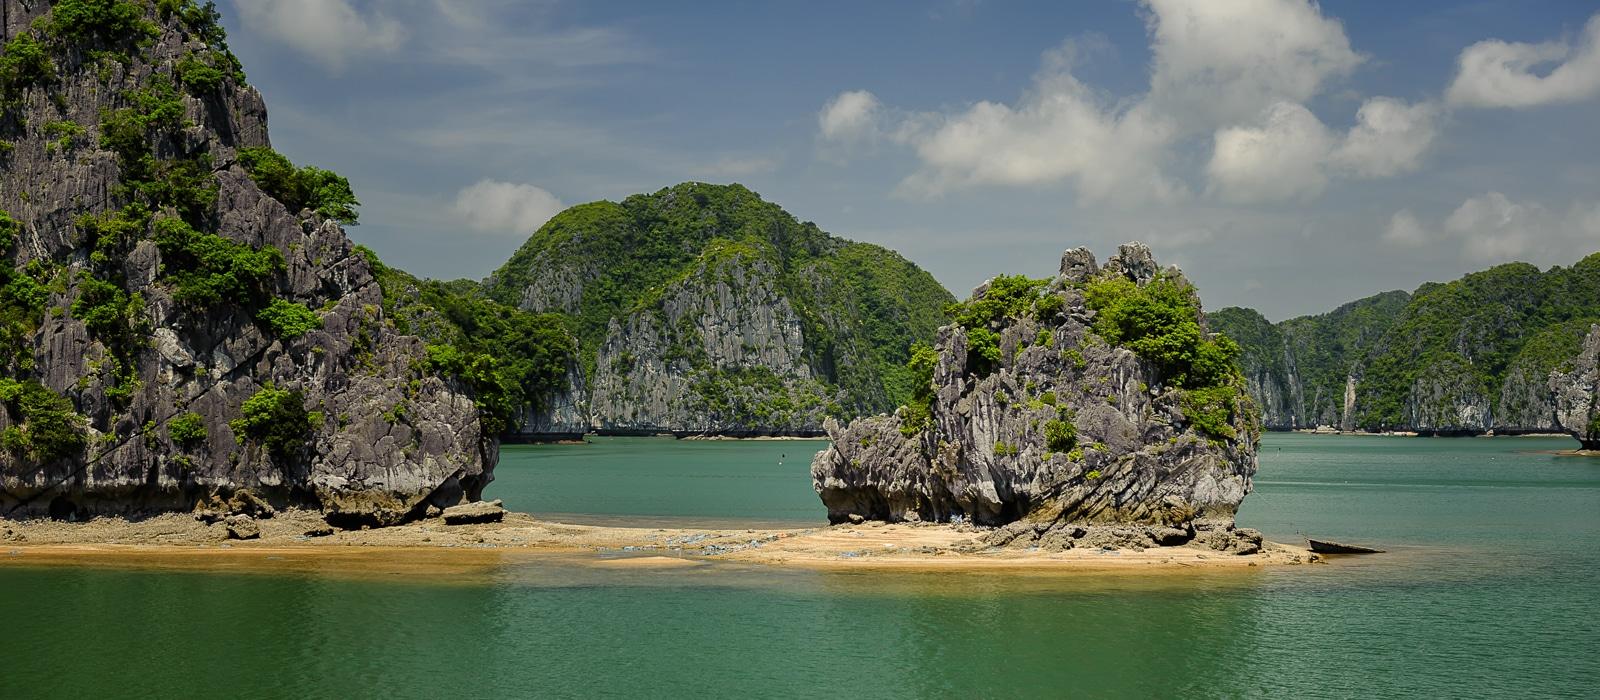 img-diapo-entete - Vietnam-1600x700-11.jpg